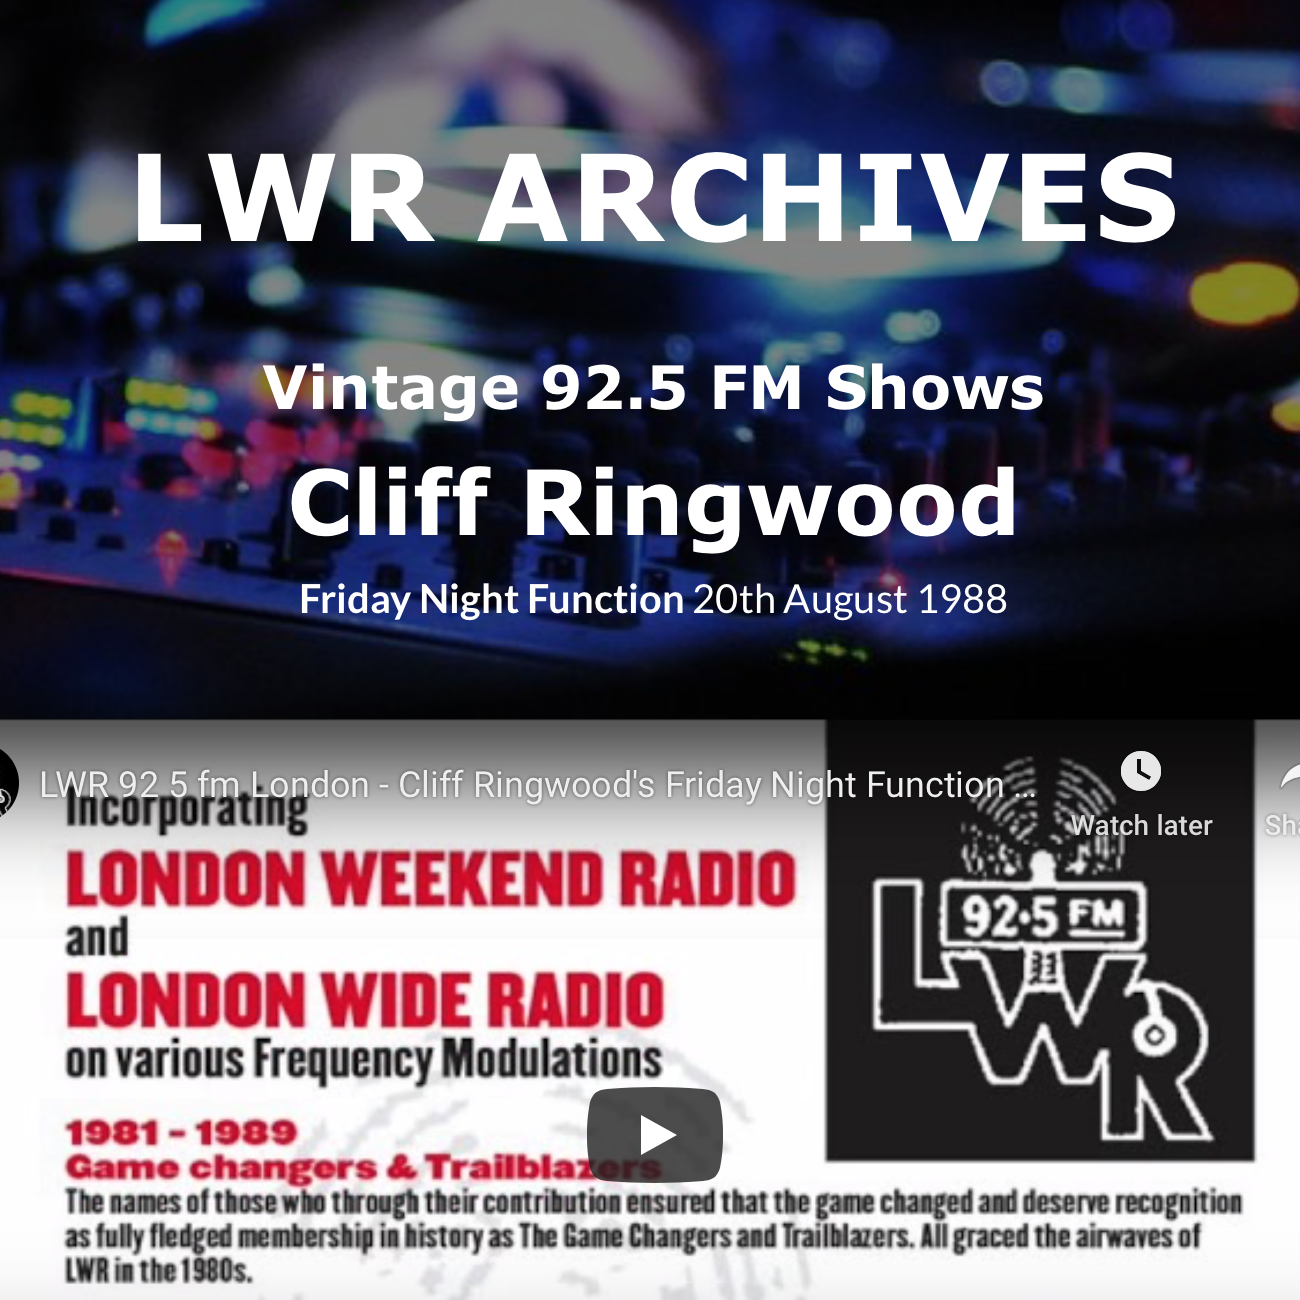 LWR-Vintage-Shows-Cliff-Ringwood